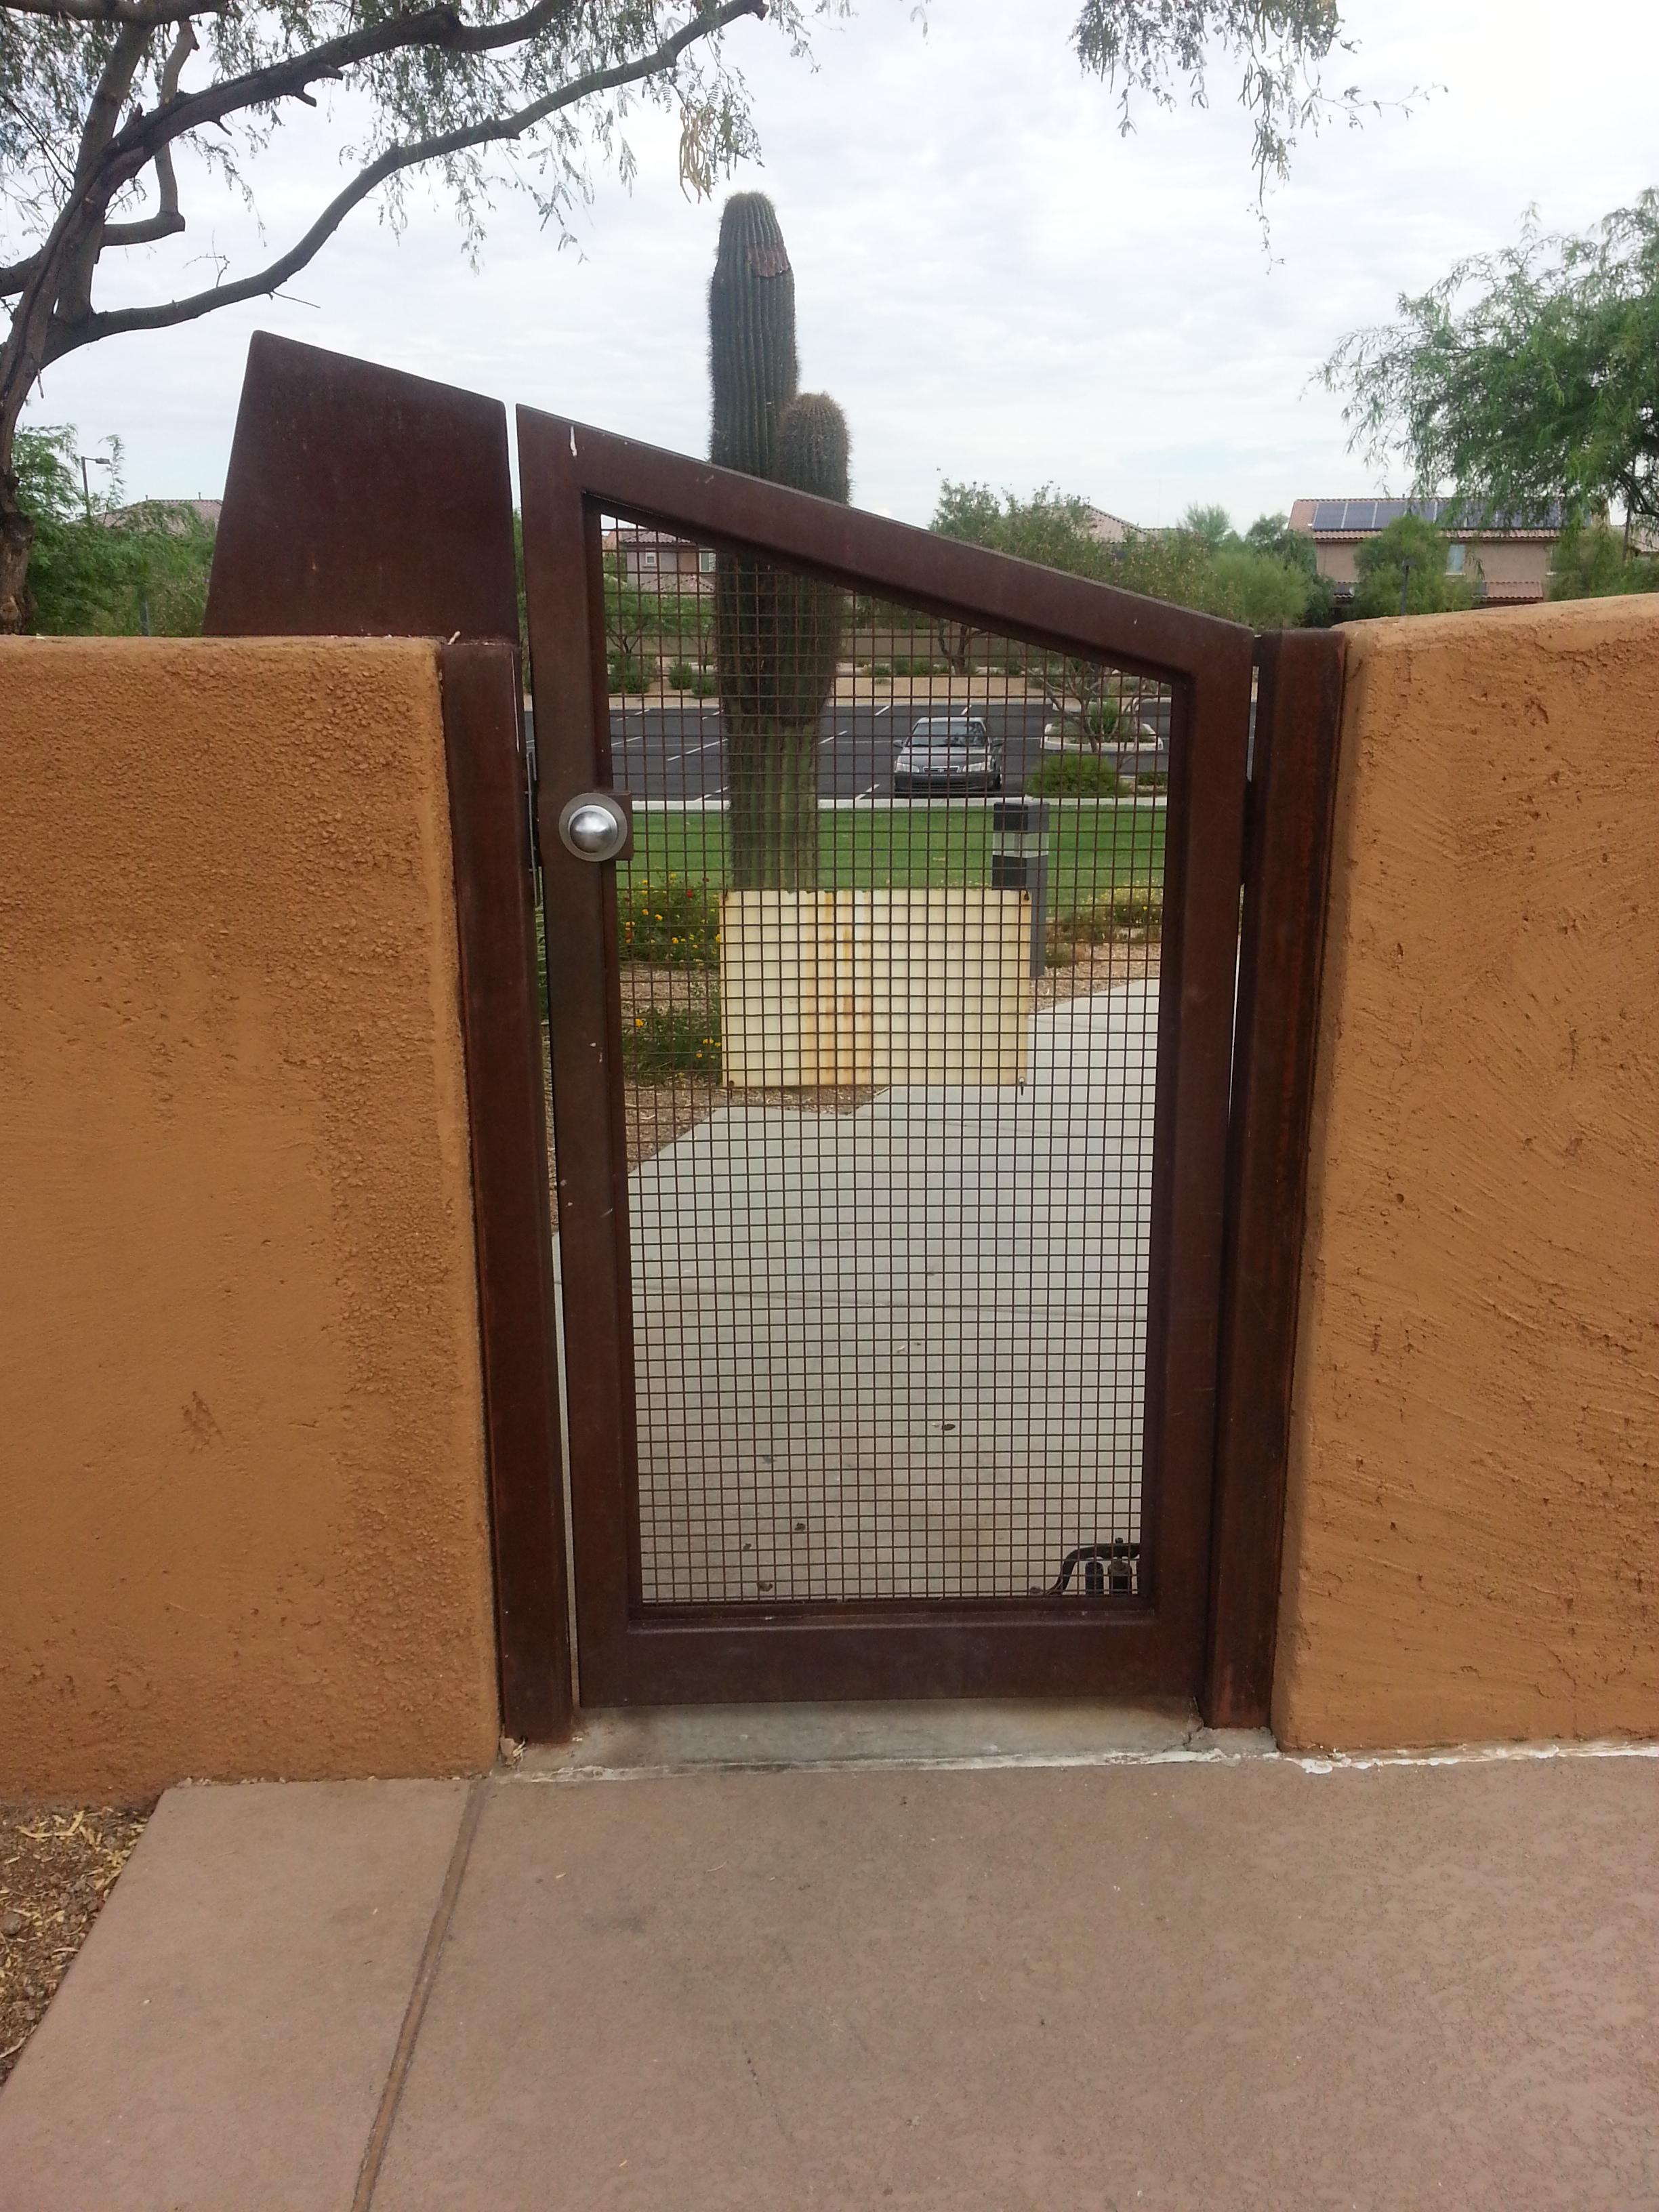 Fence AZ image 6